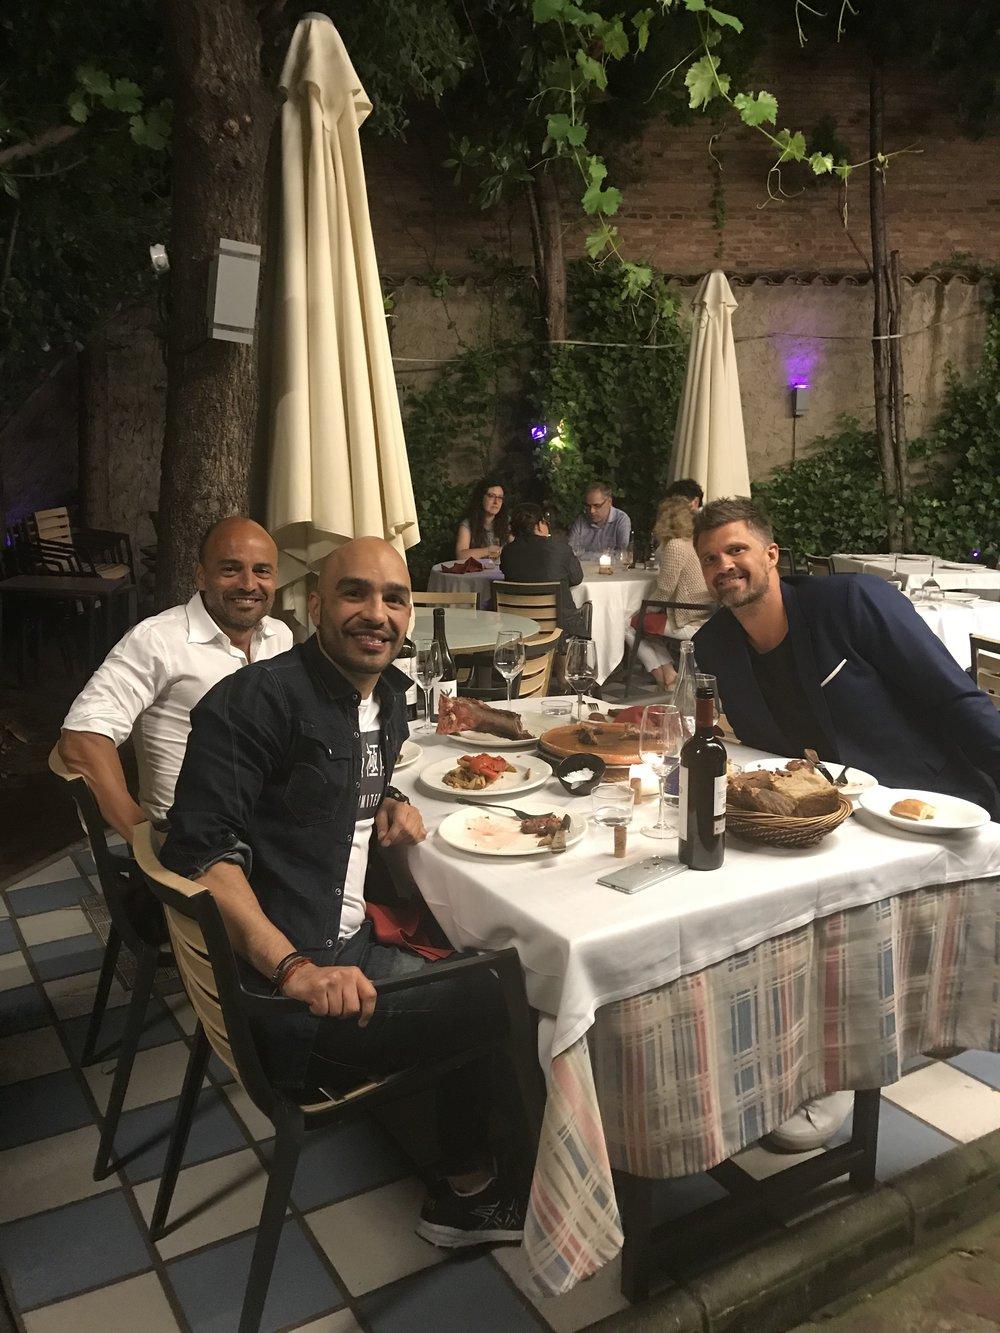 Anbefaler et besøk i den koselige restauranten Zuloaga